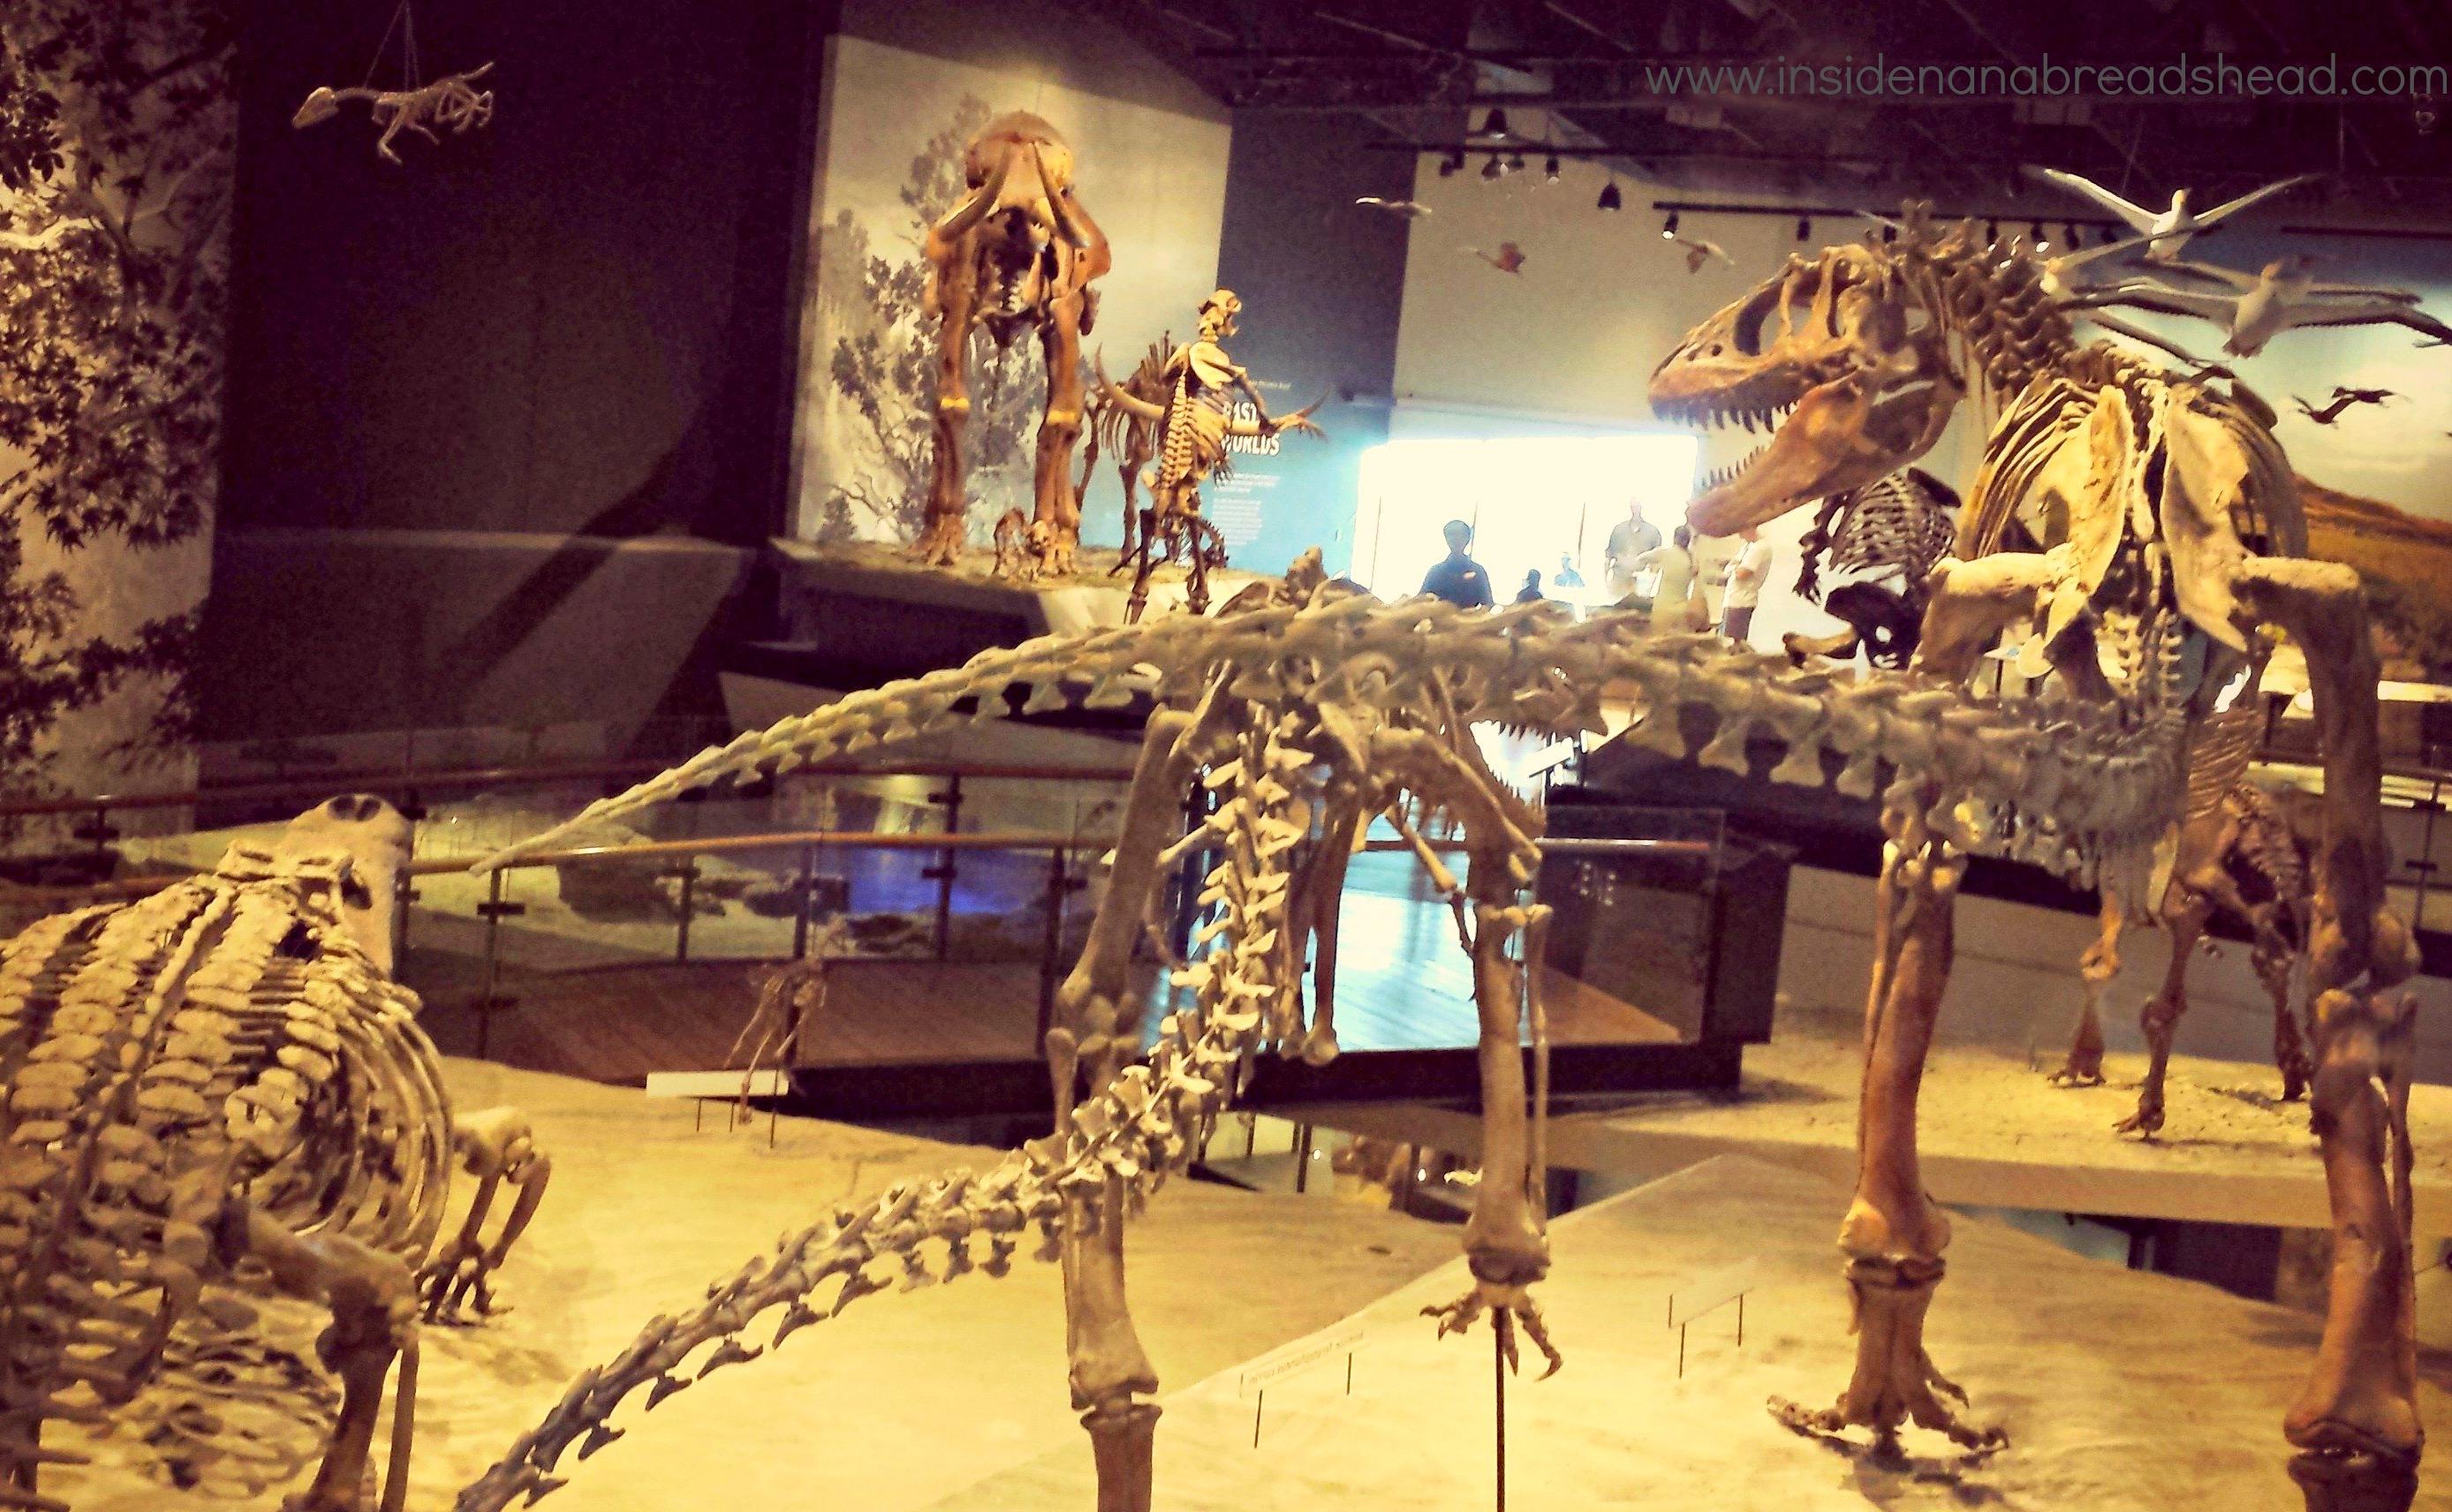 Foyer Museum Utah : Utah we really kept them hopping inside nanabread s head